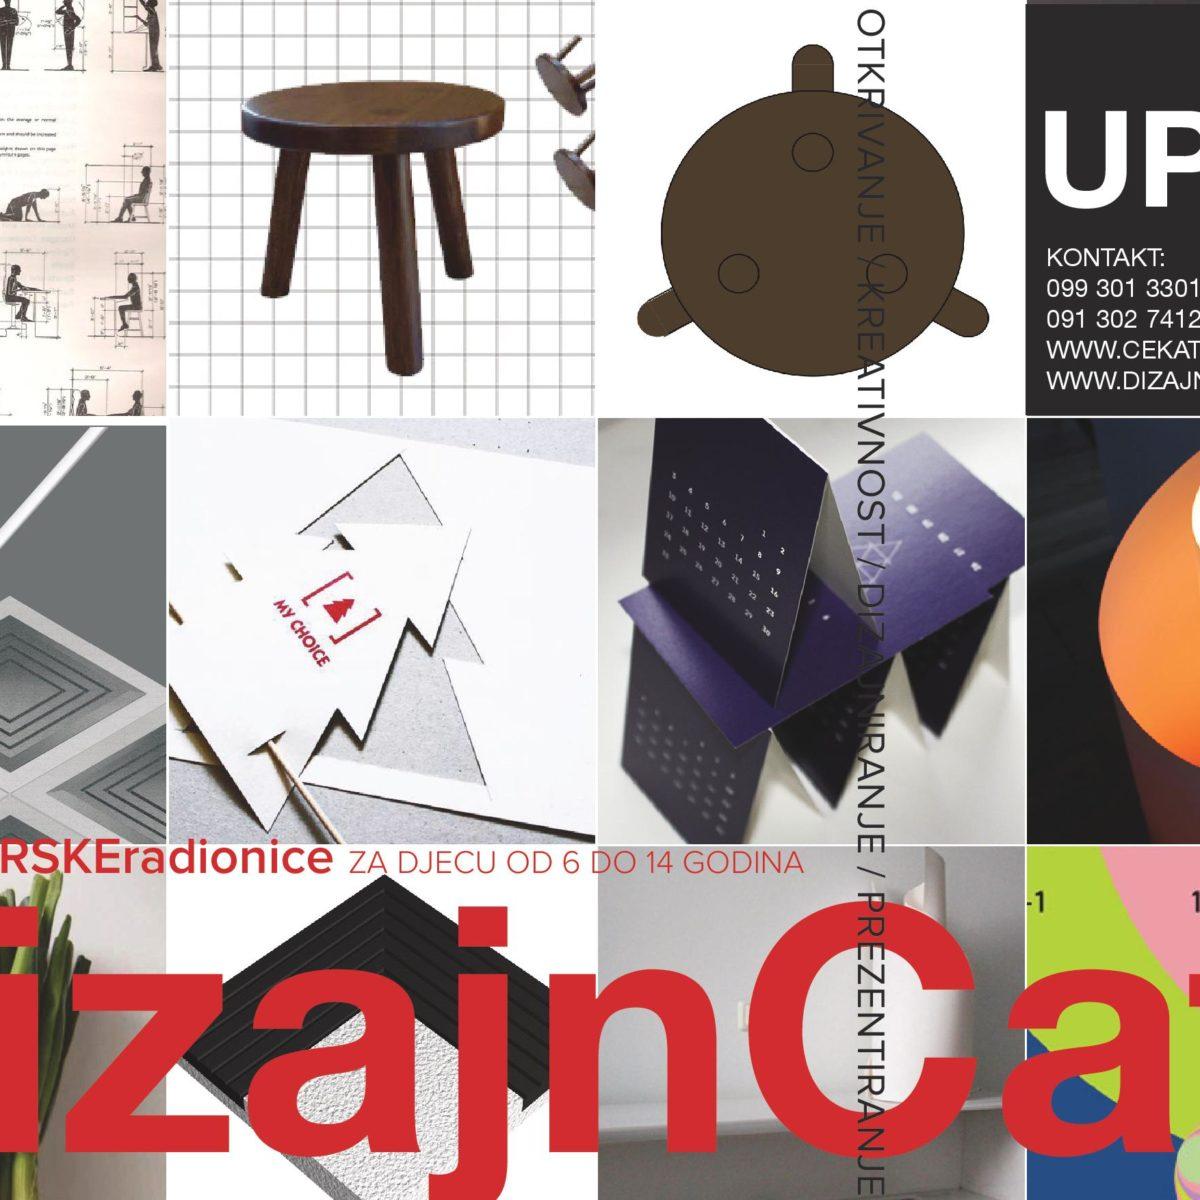 Upisi u Dizajncafé / DIZAJNERSKE radionice